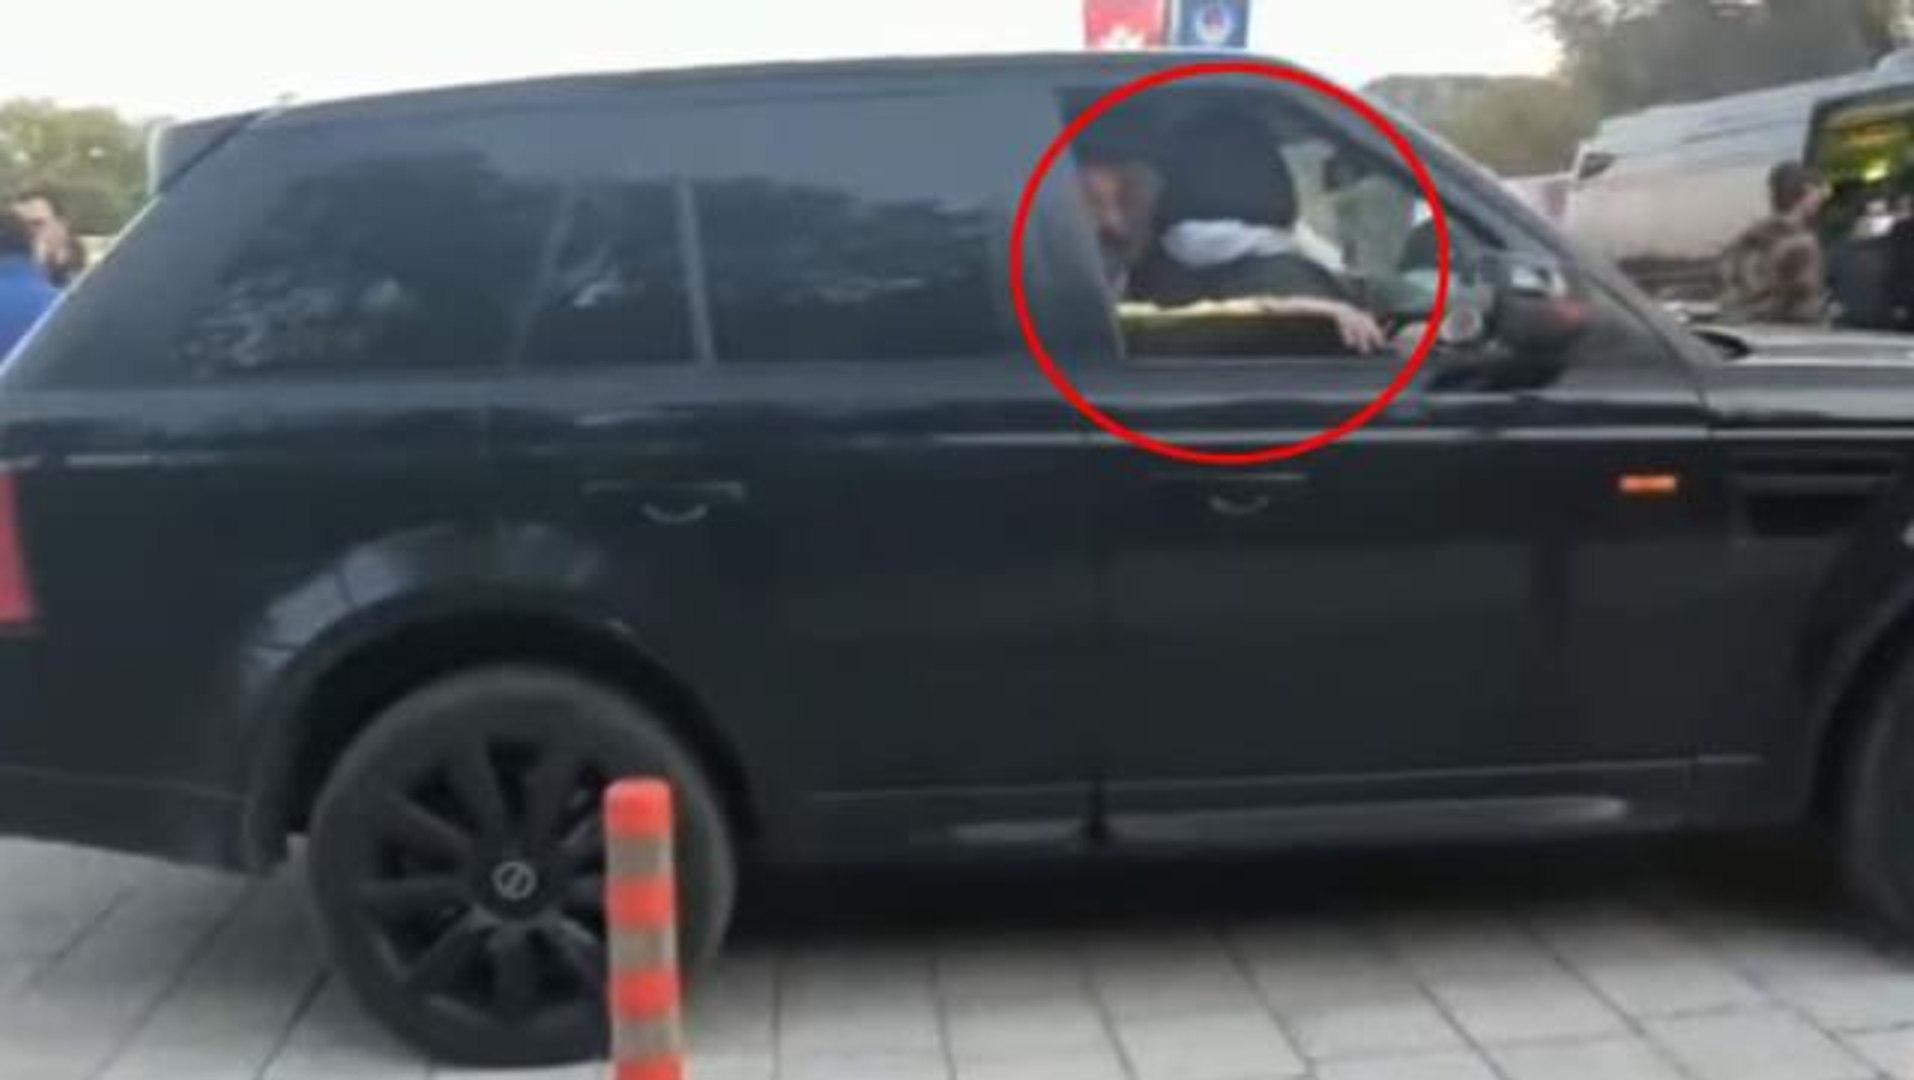 Silahlı kavgaya karışan Üstündağ'ın ön koltukta kucağında oturan kim?